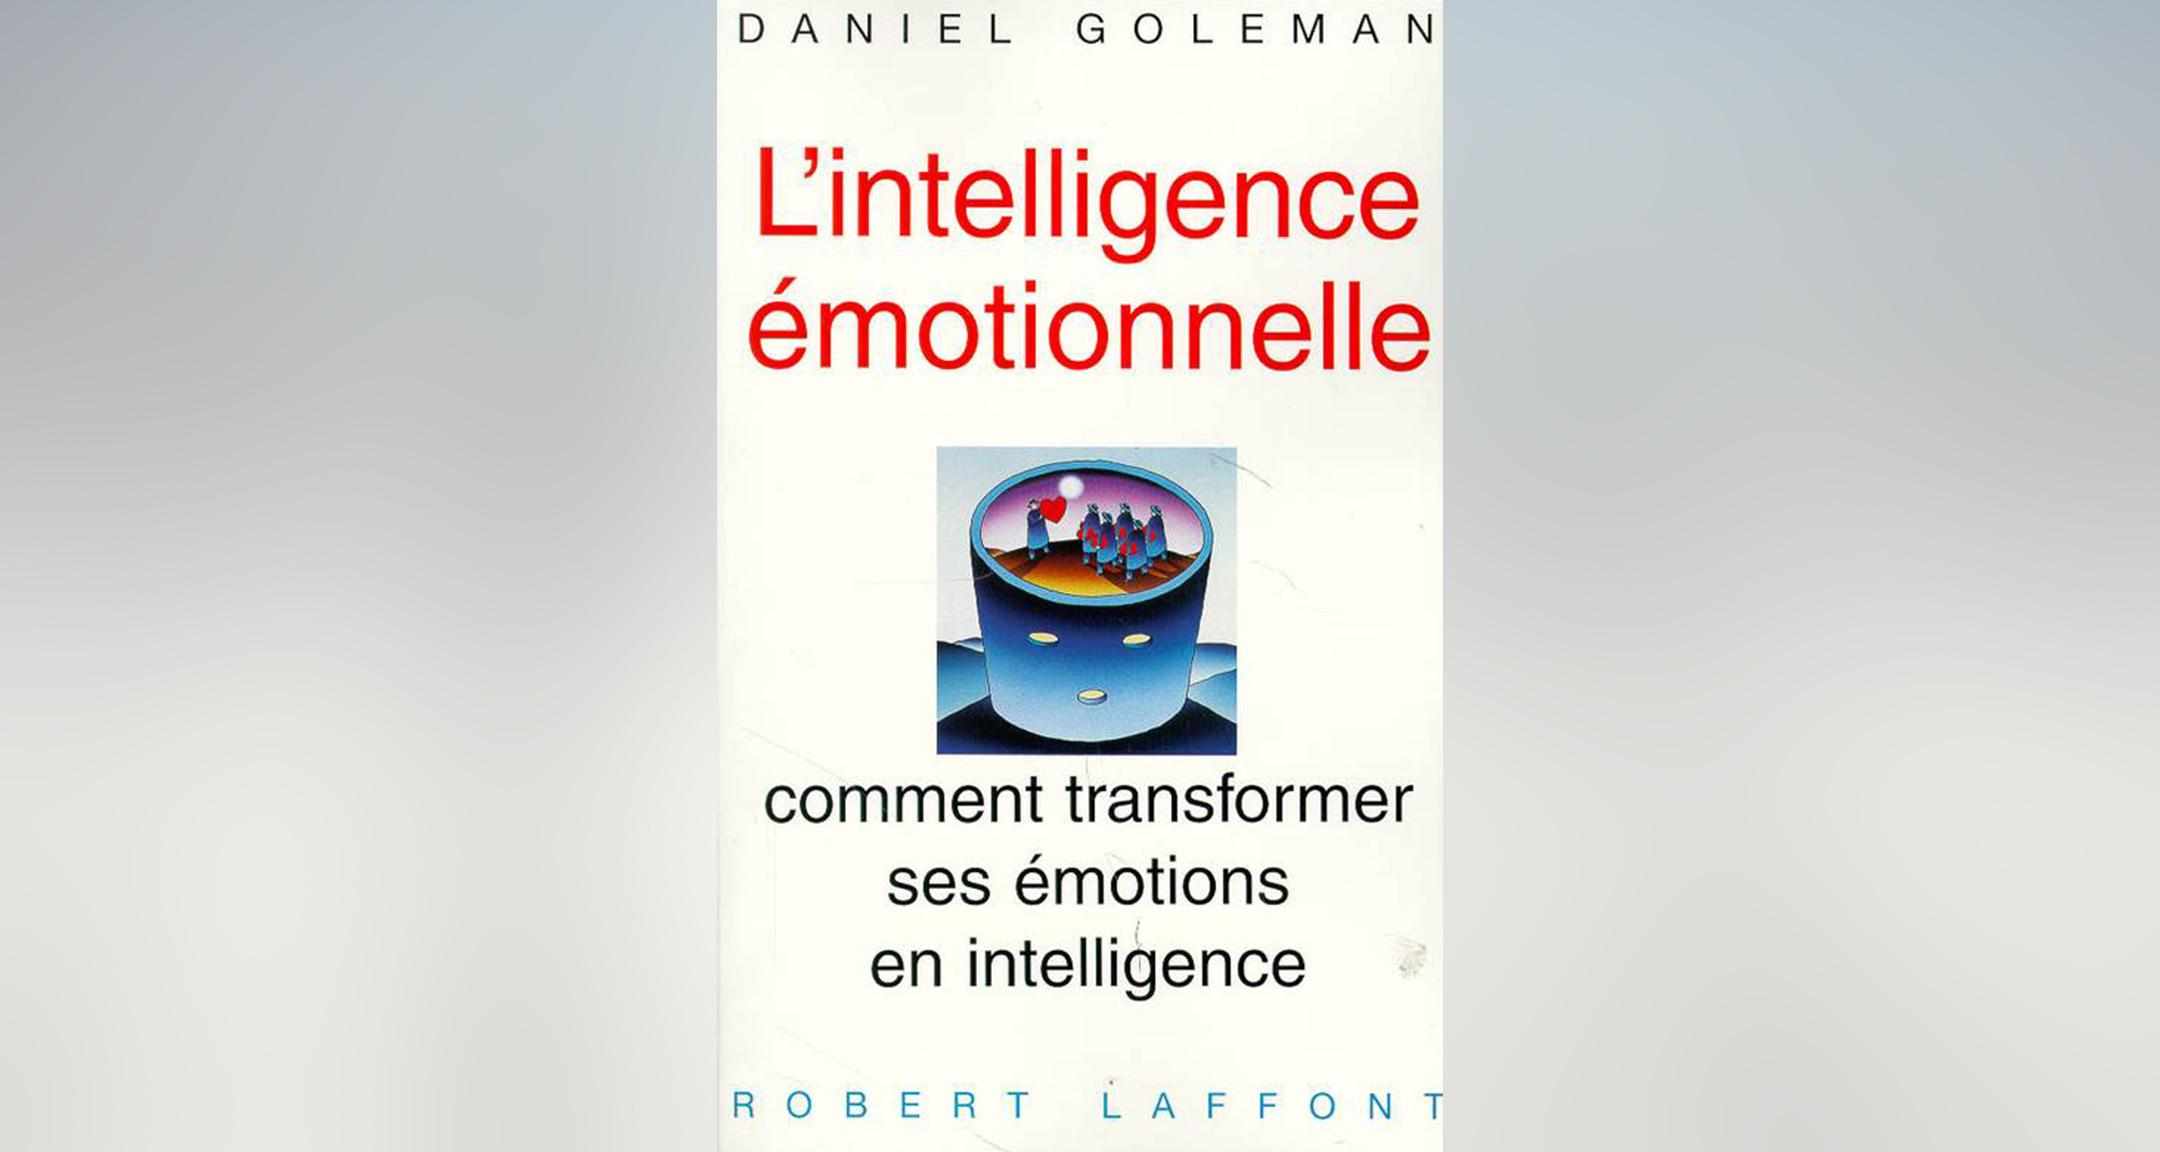 L'intelligence émotionnelle, Daniel Goleman